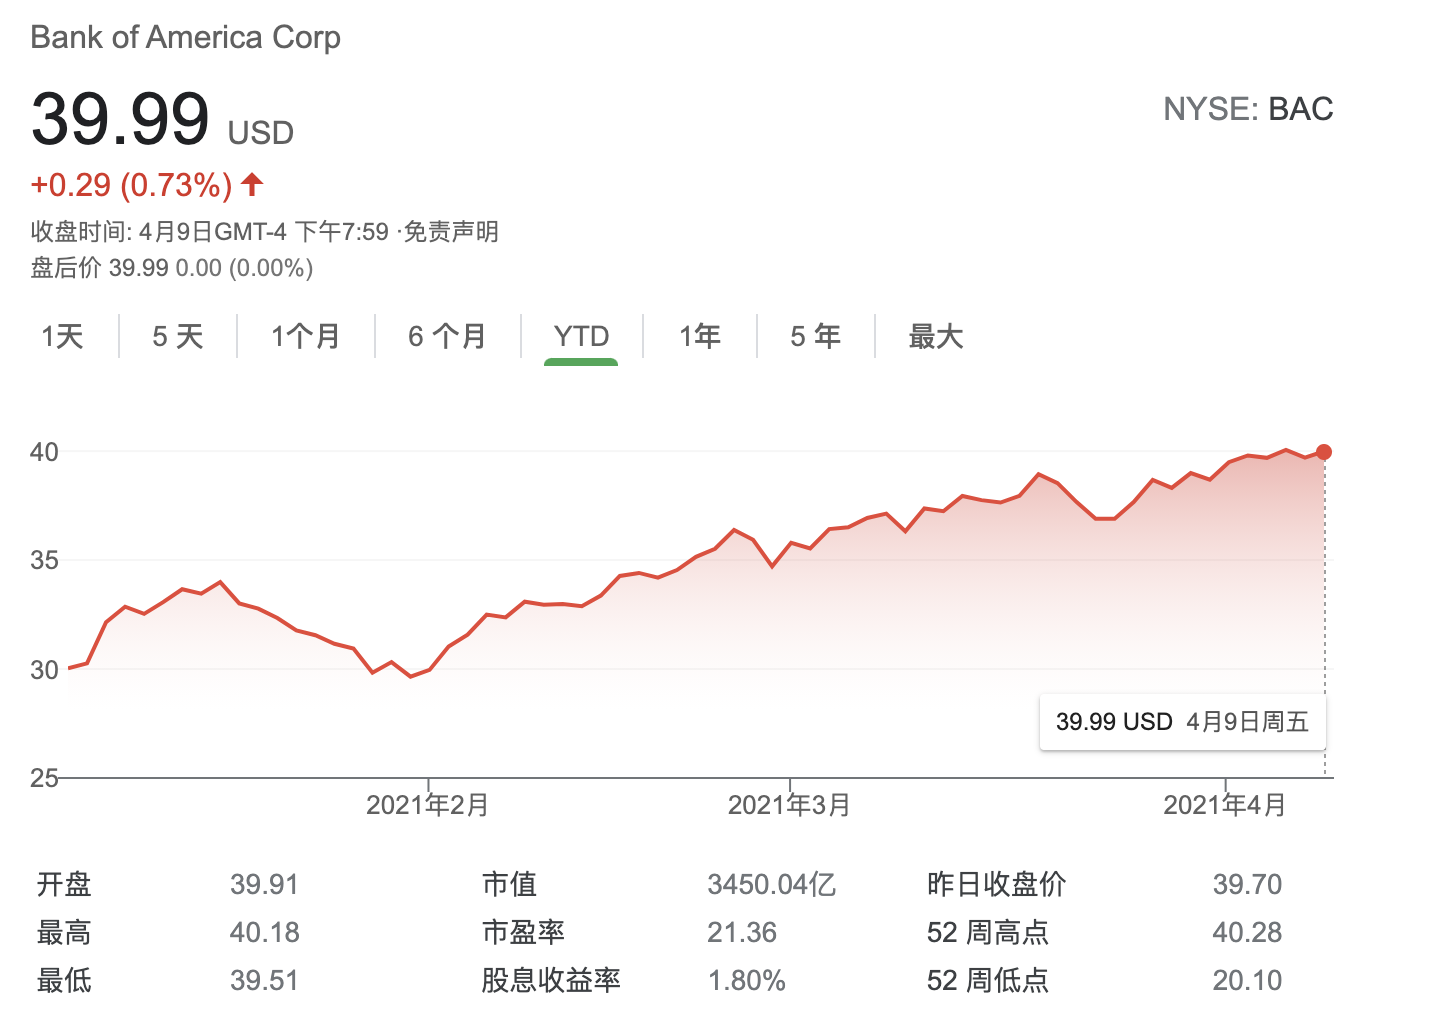 美股一季报揭幕 RBC:金融股有望超预期 美银将成最大赢家